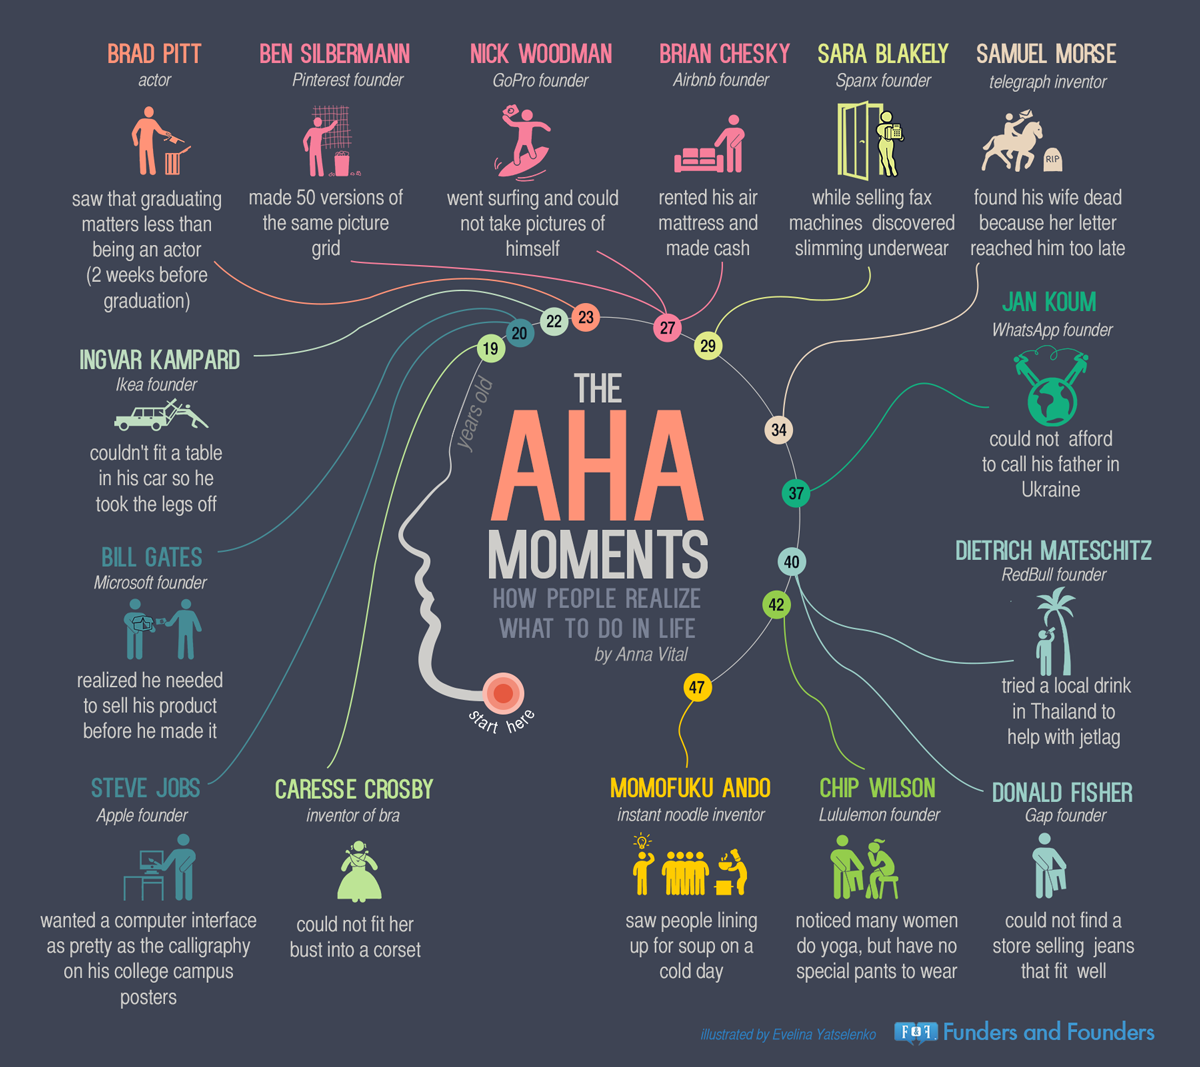 aha moments